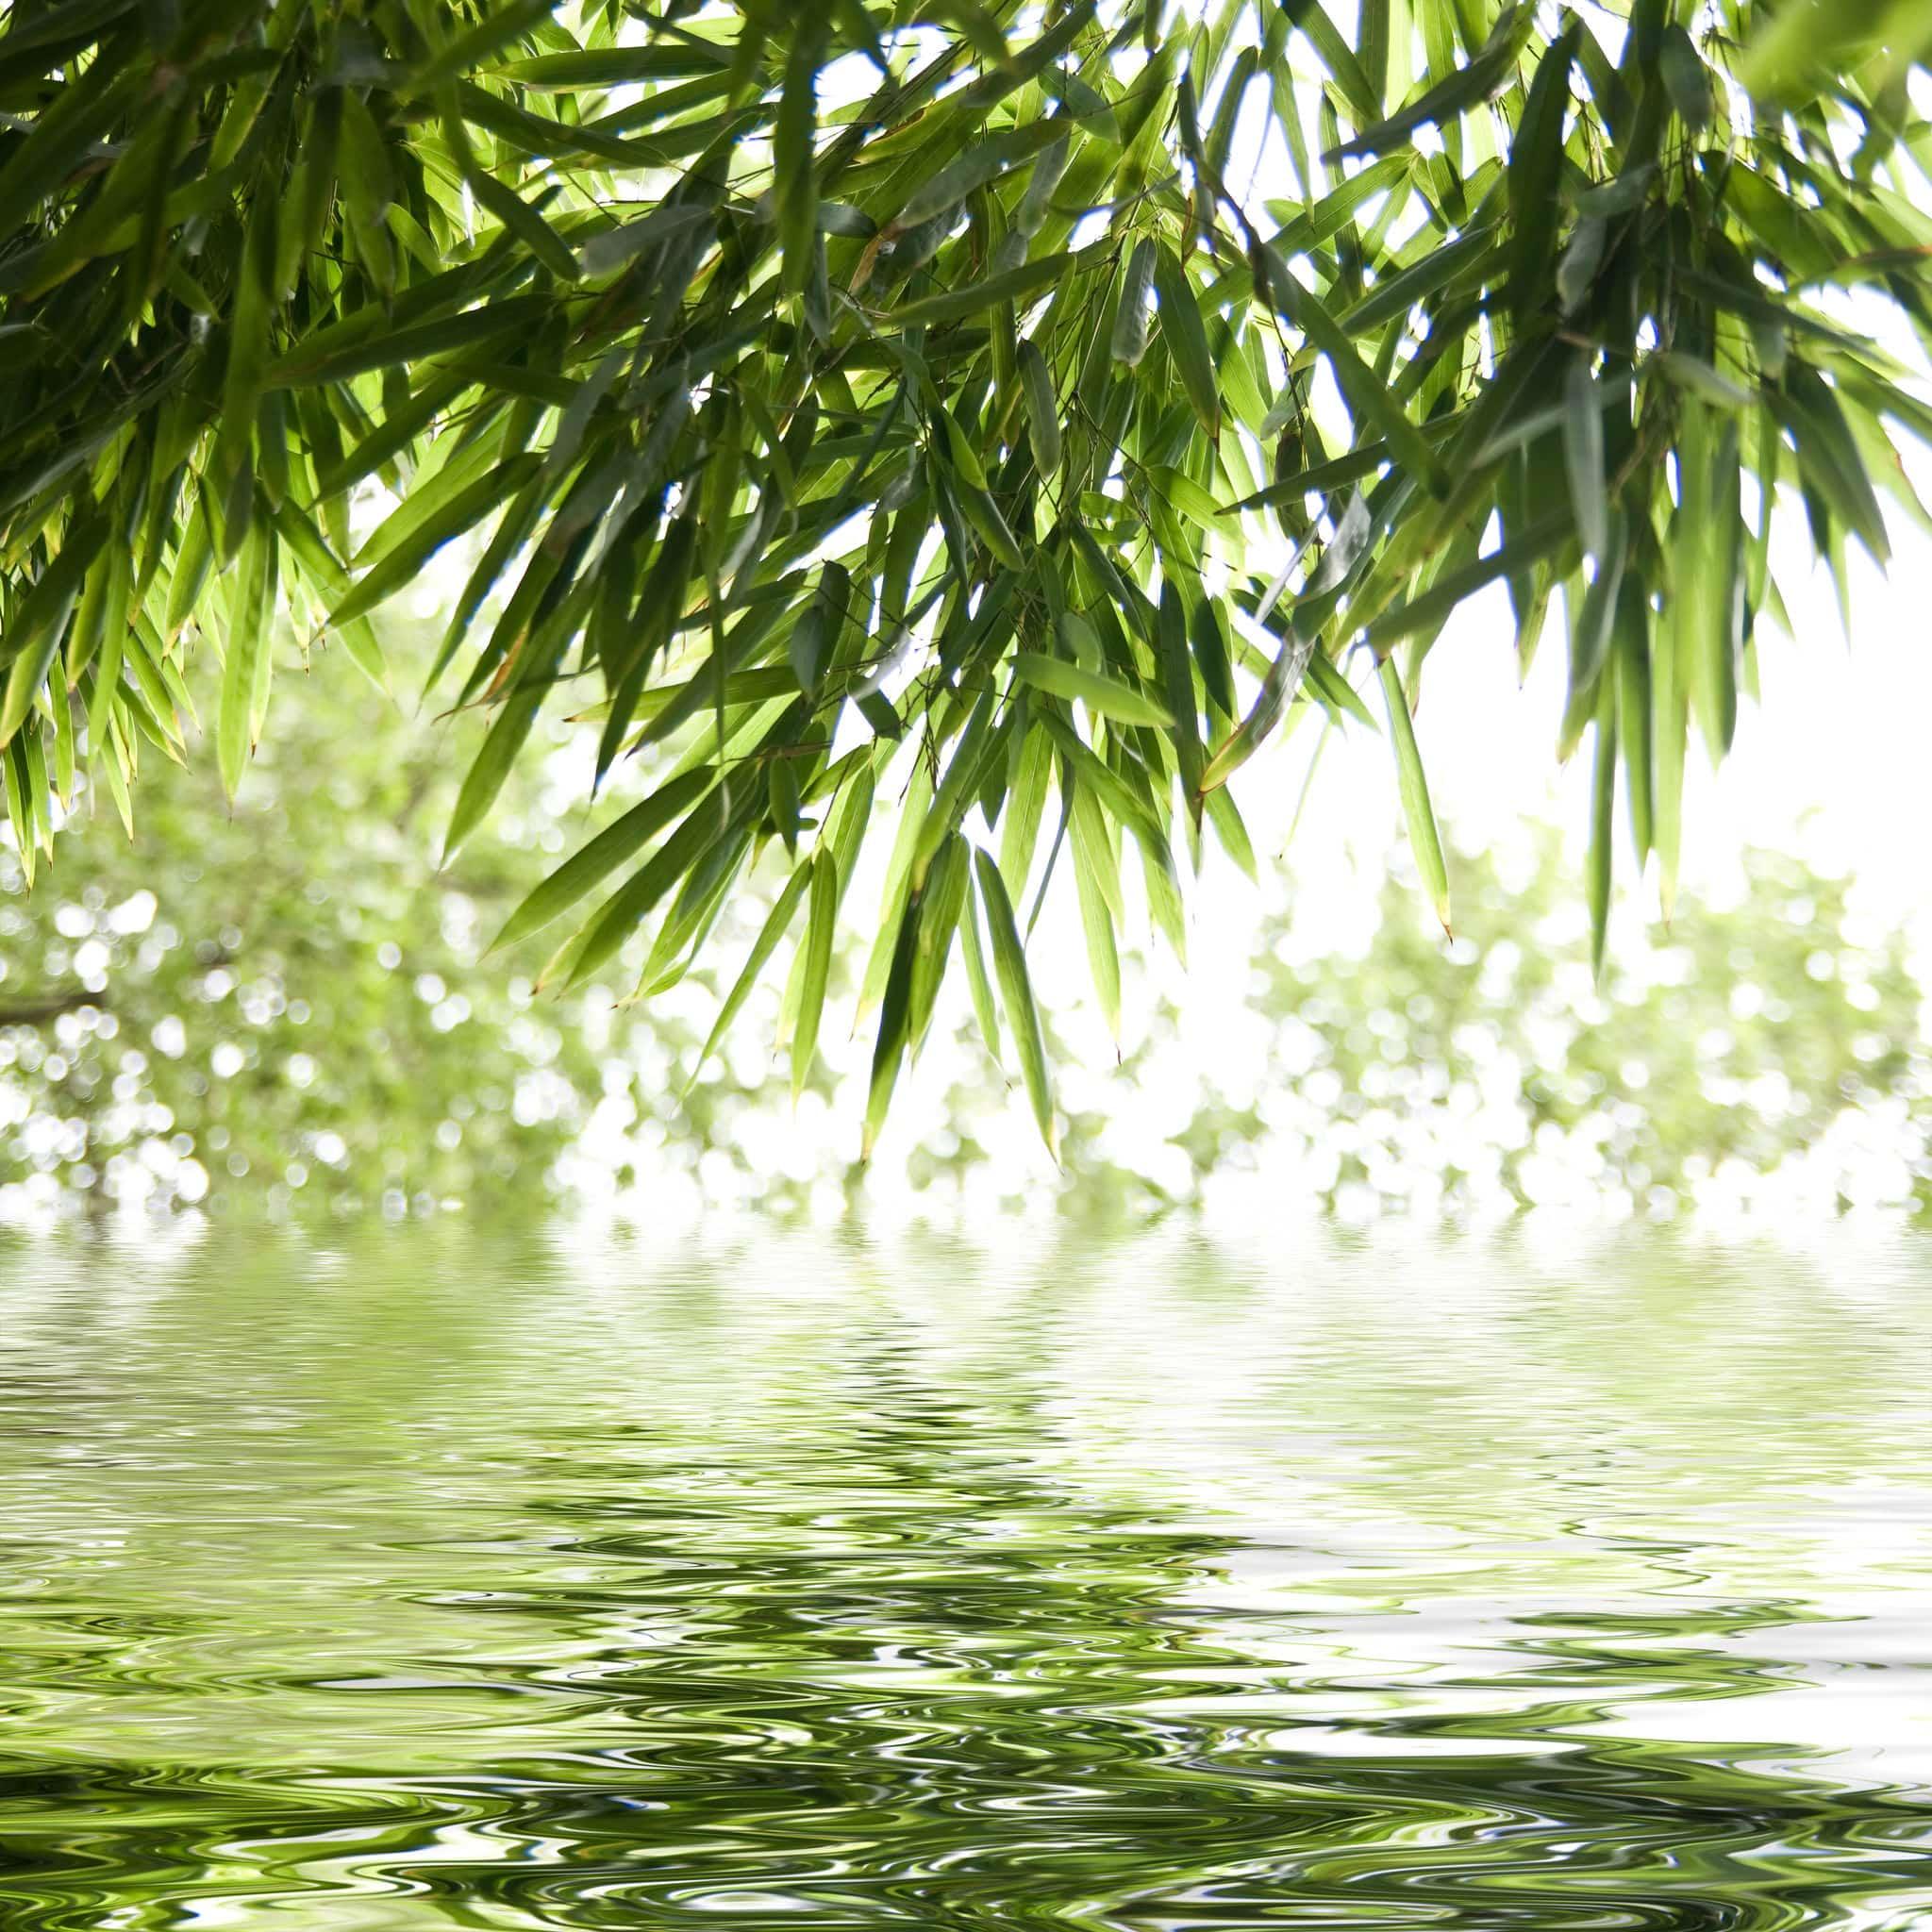 Bamboo Background Image